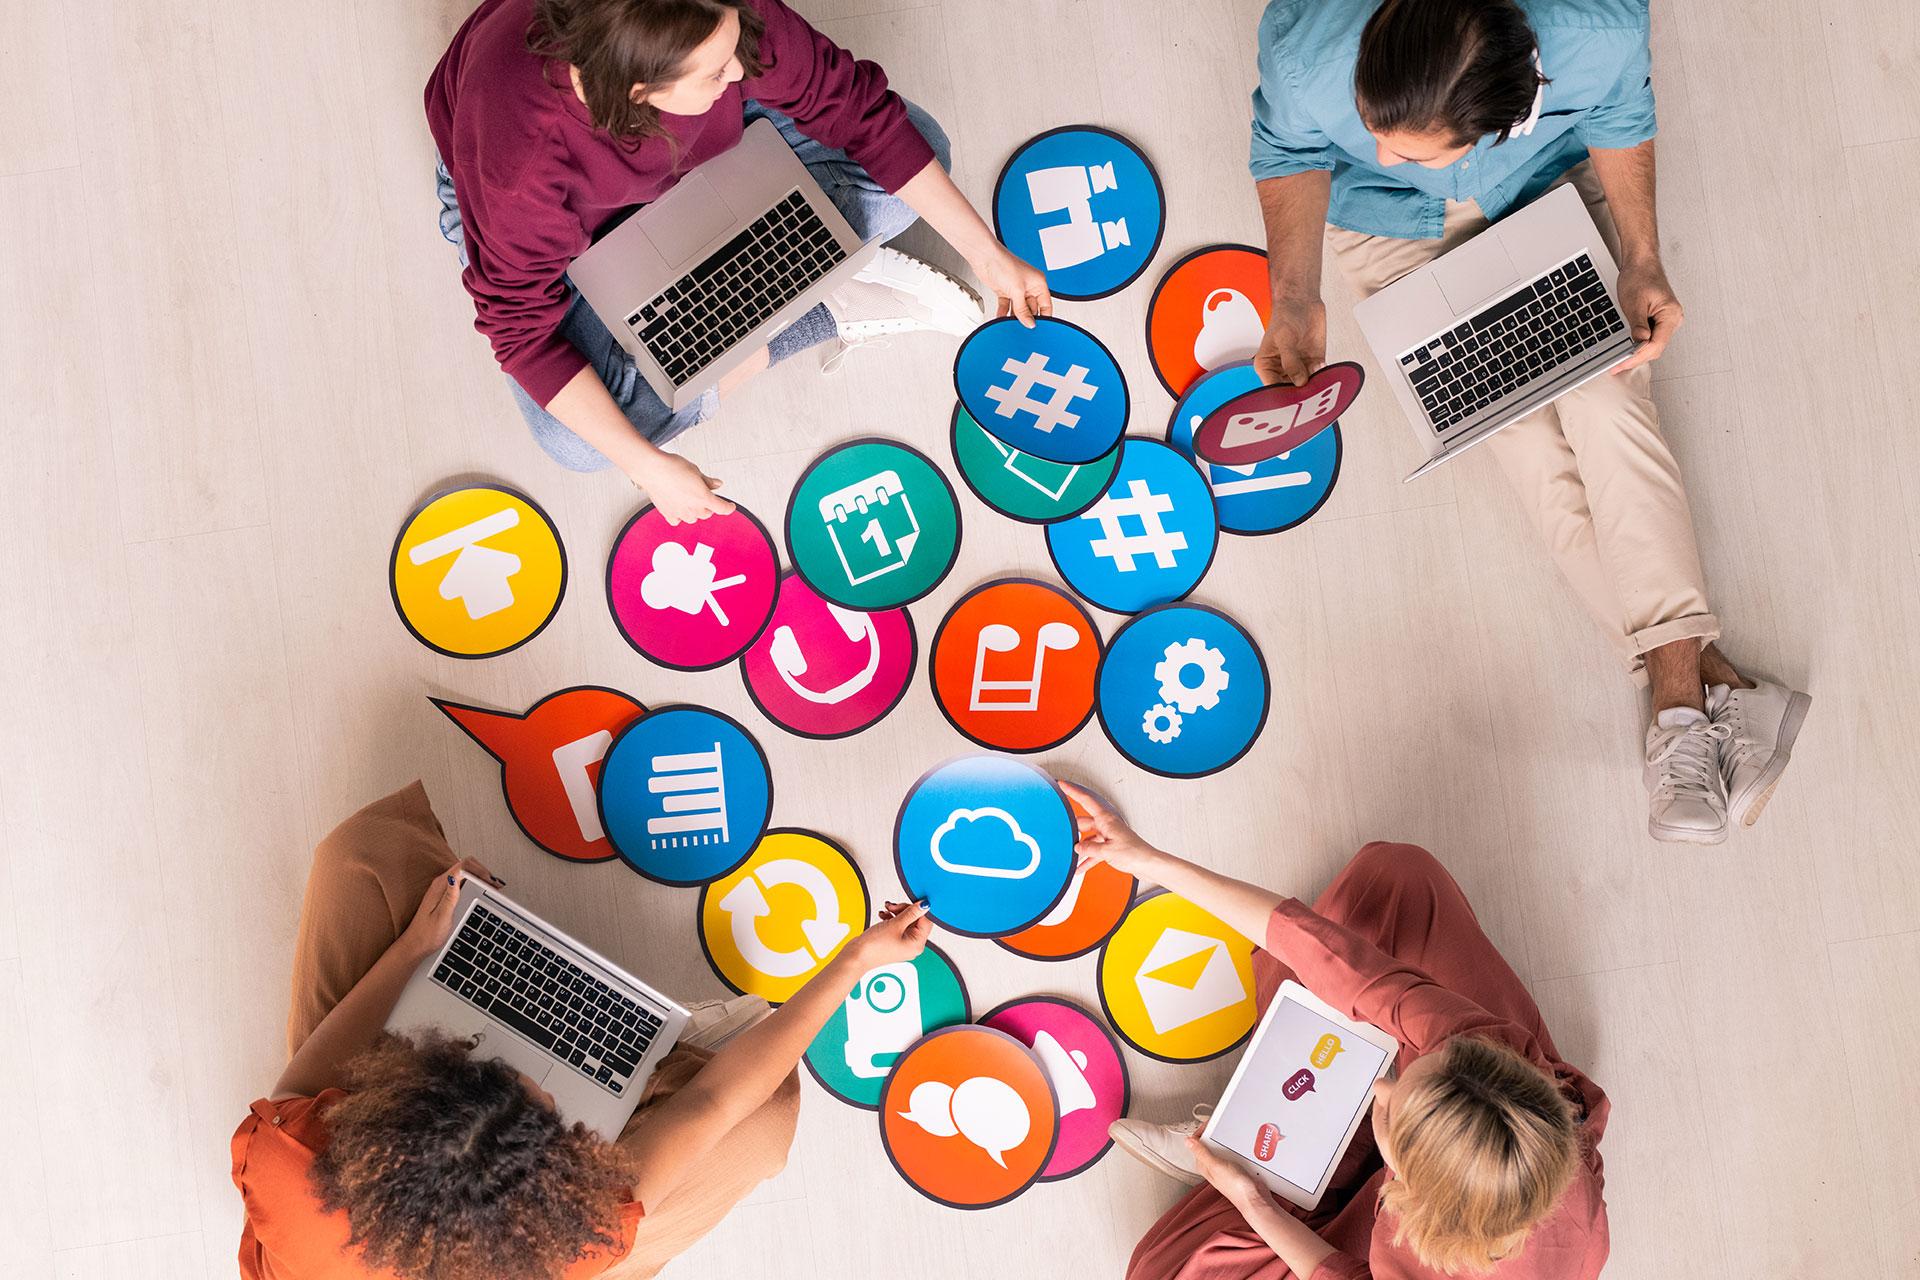 digital marketing agency definition